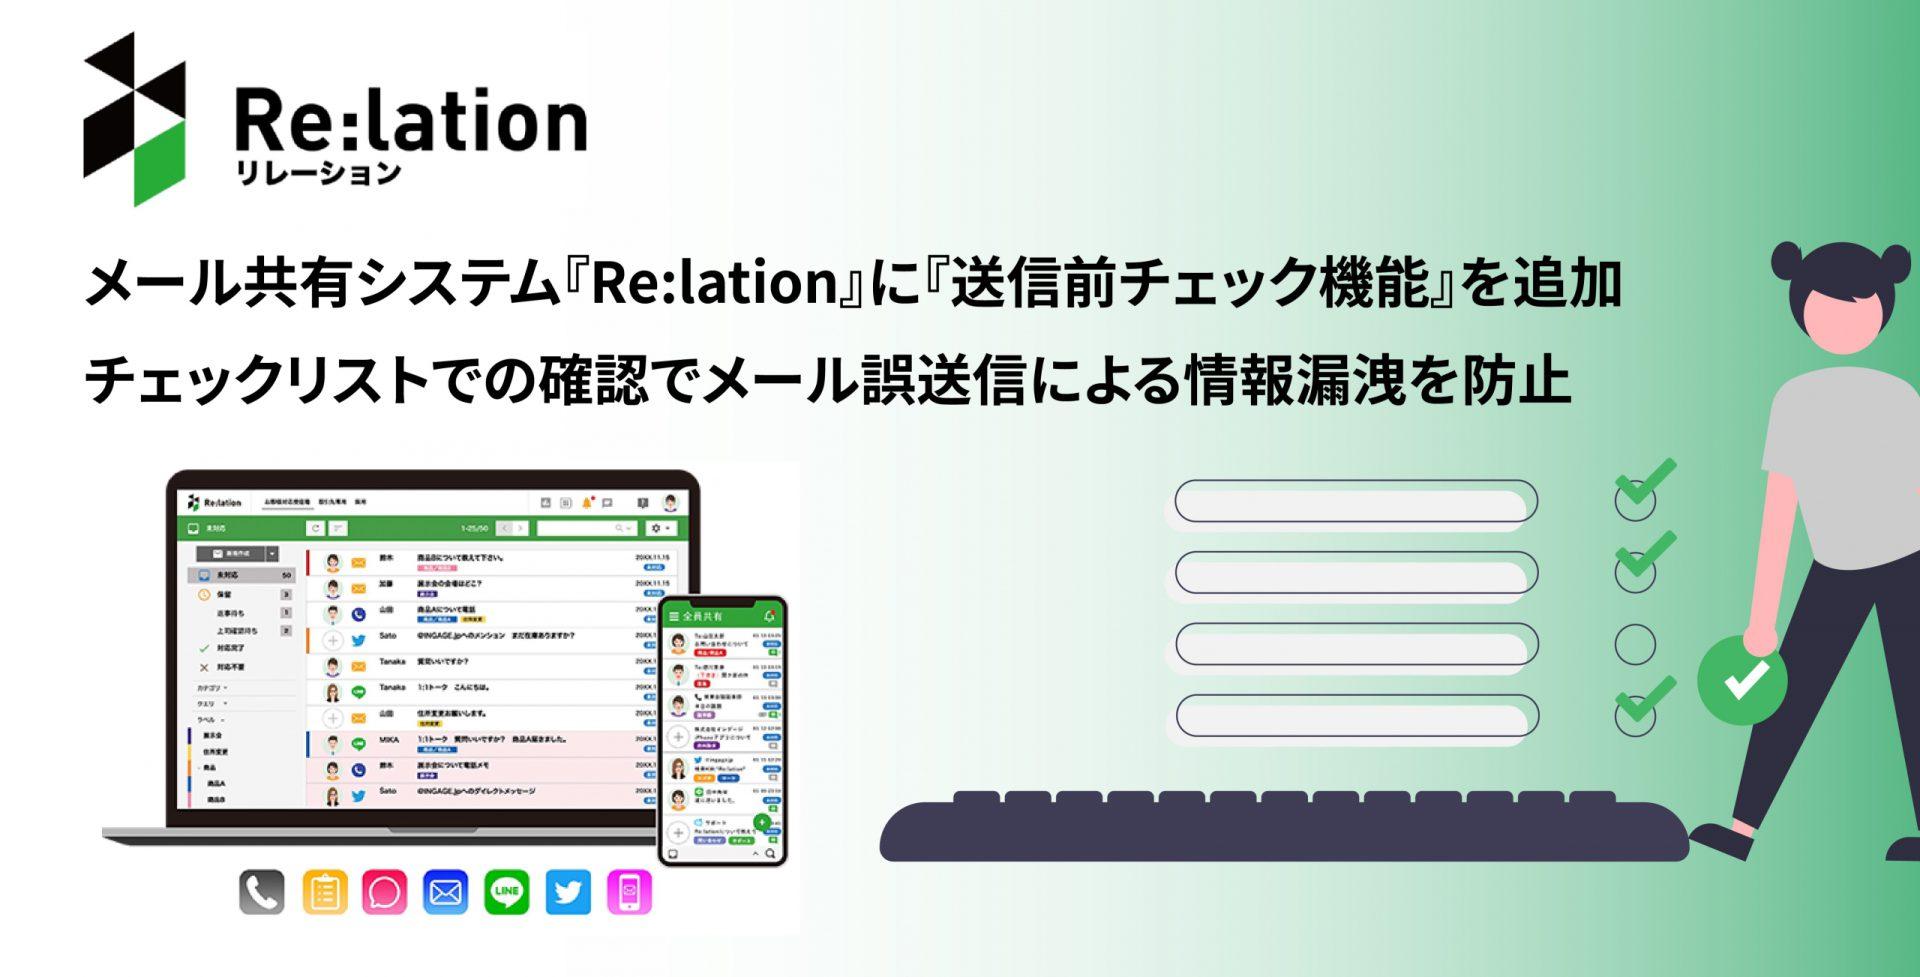 メール共有システム『Re:lation』に『送信前チェック機能』を追加。チェックリストでの確認でメール誤送信による情報漏洩を防止